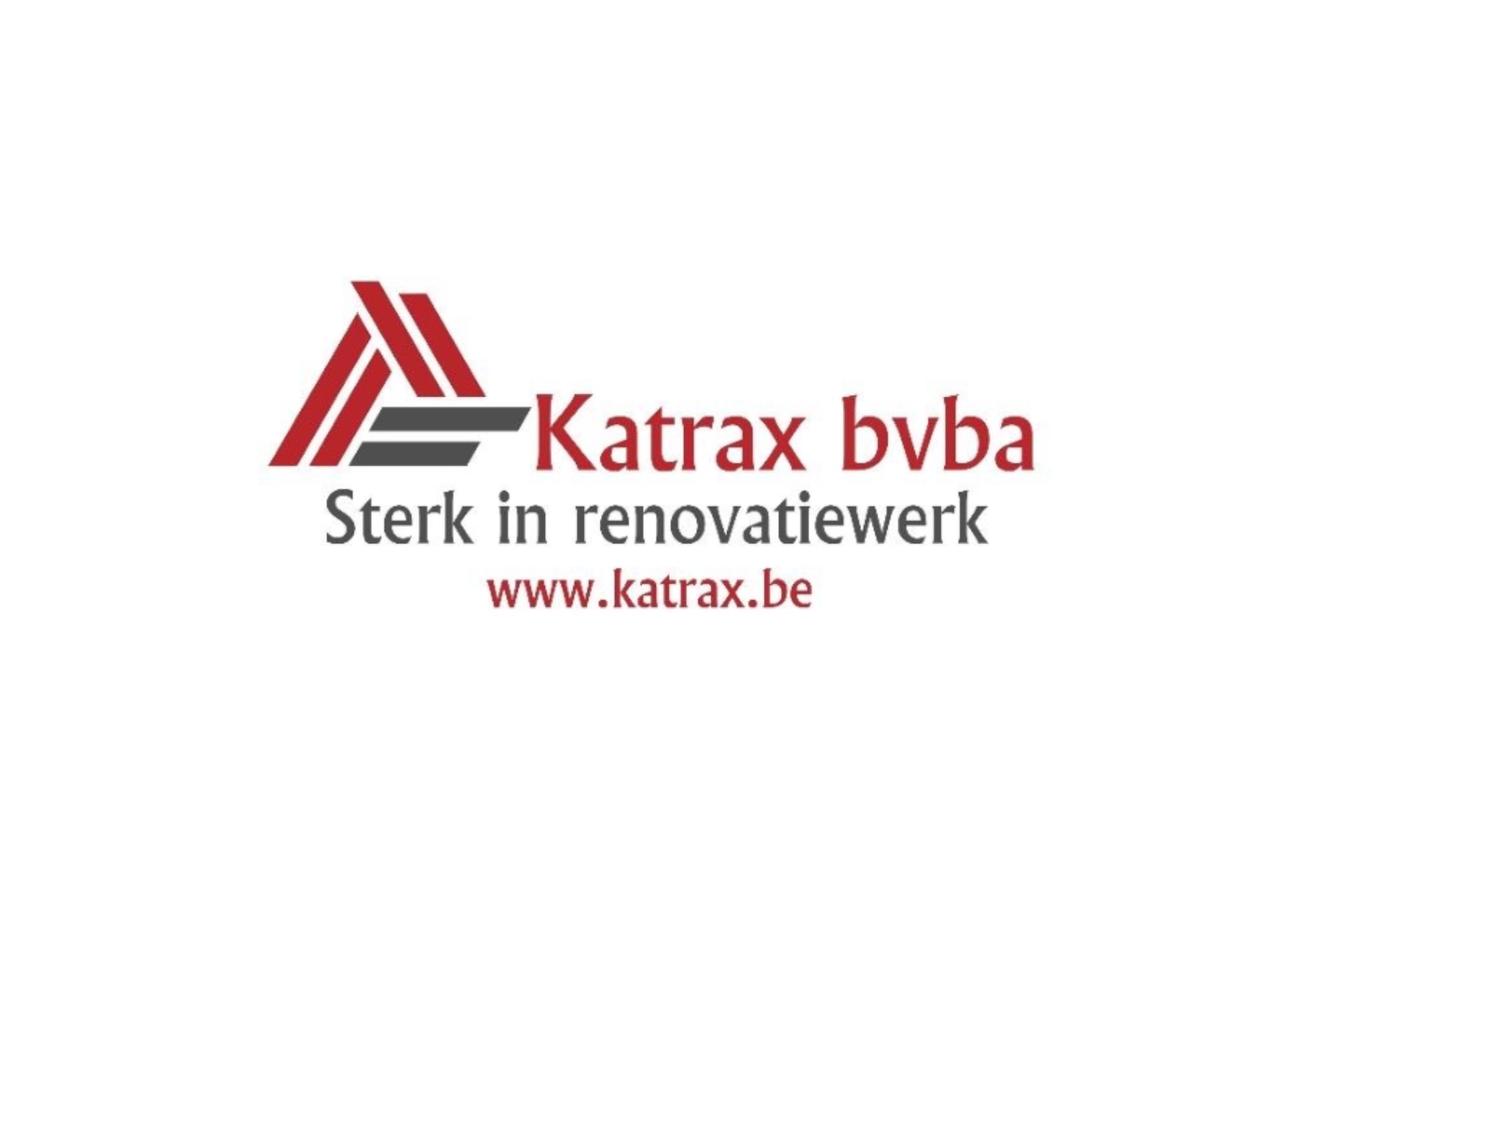 Katrax bvba logo